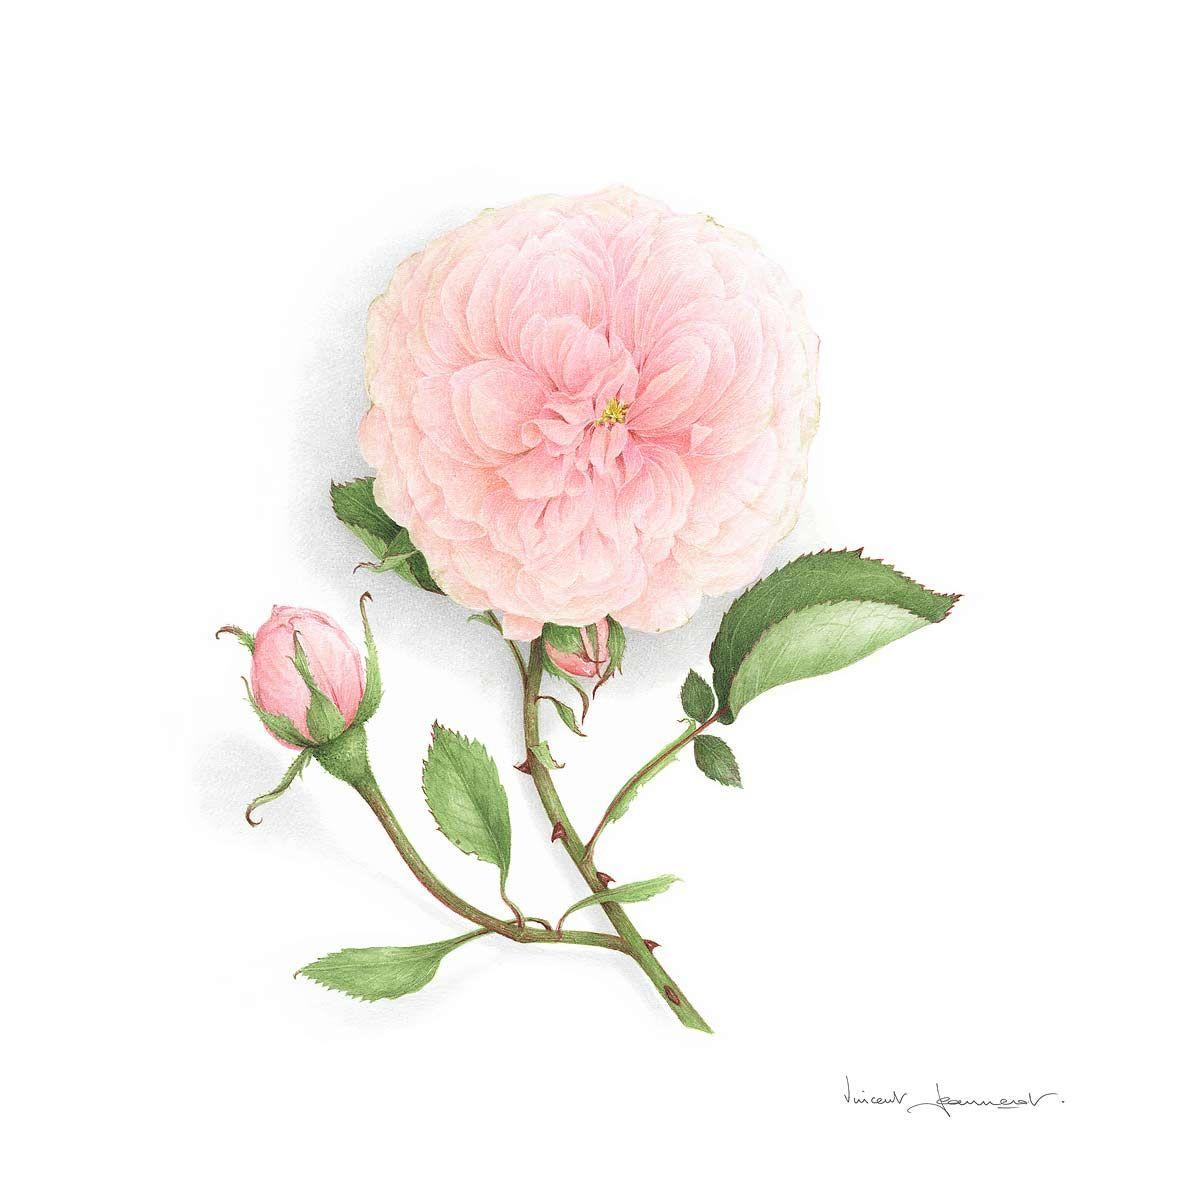 Epingle Par Lidia Sur Akvarel Ii Peintures Florales Aquarelle